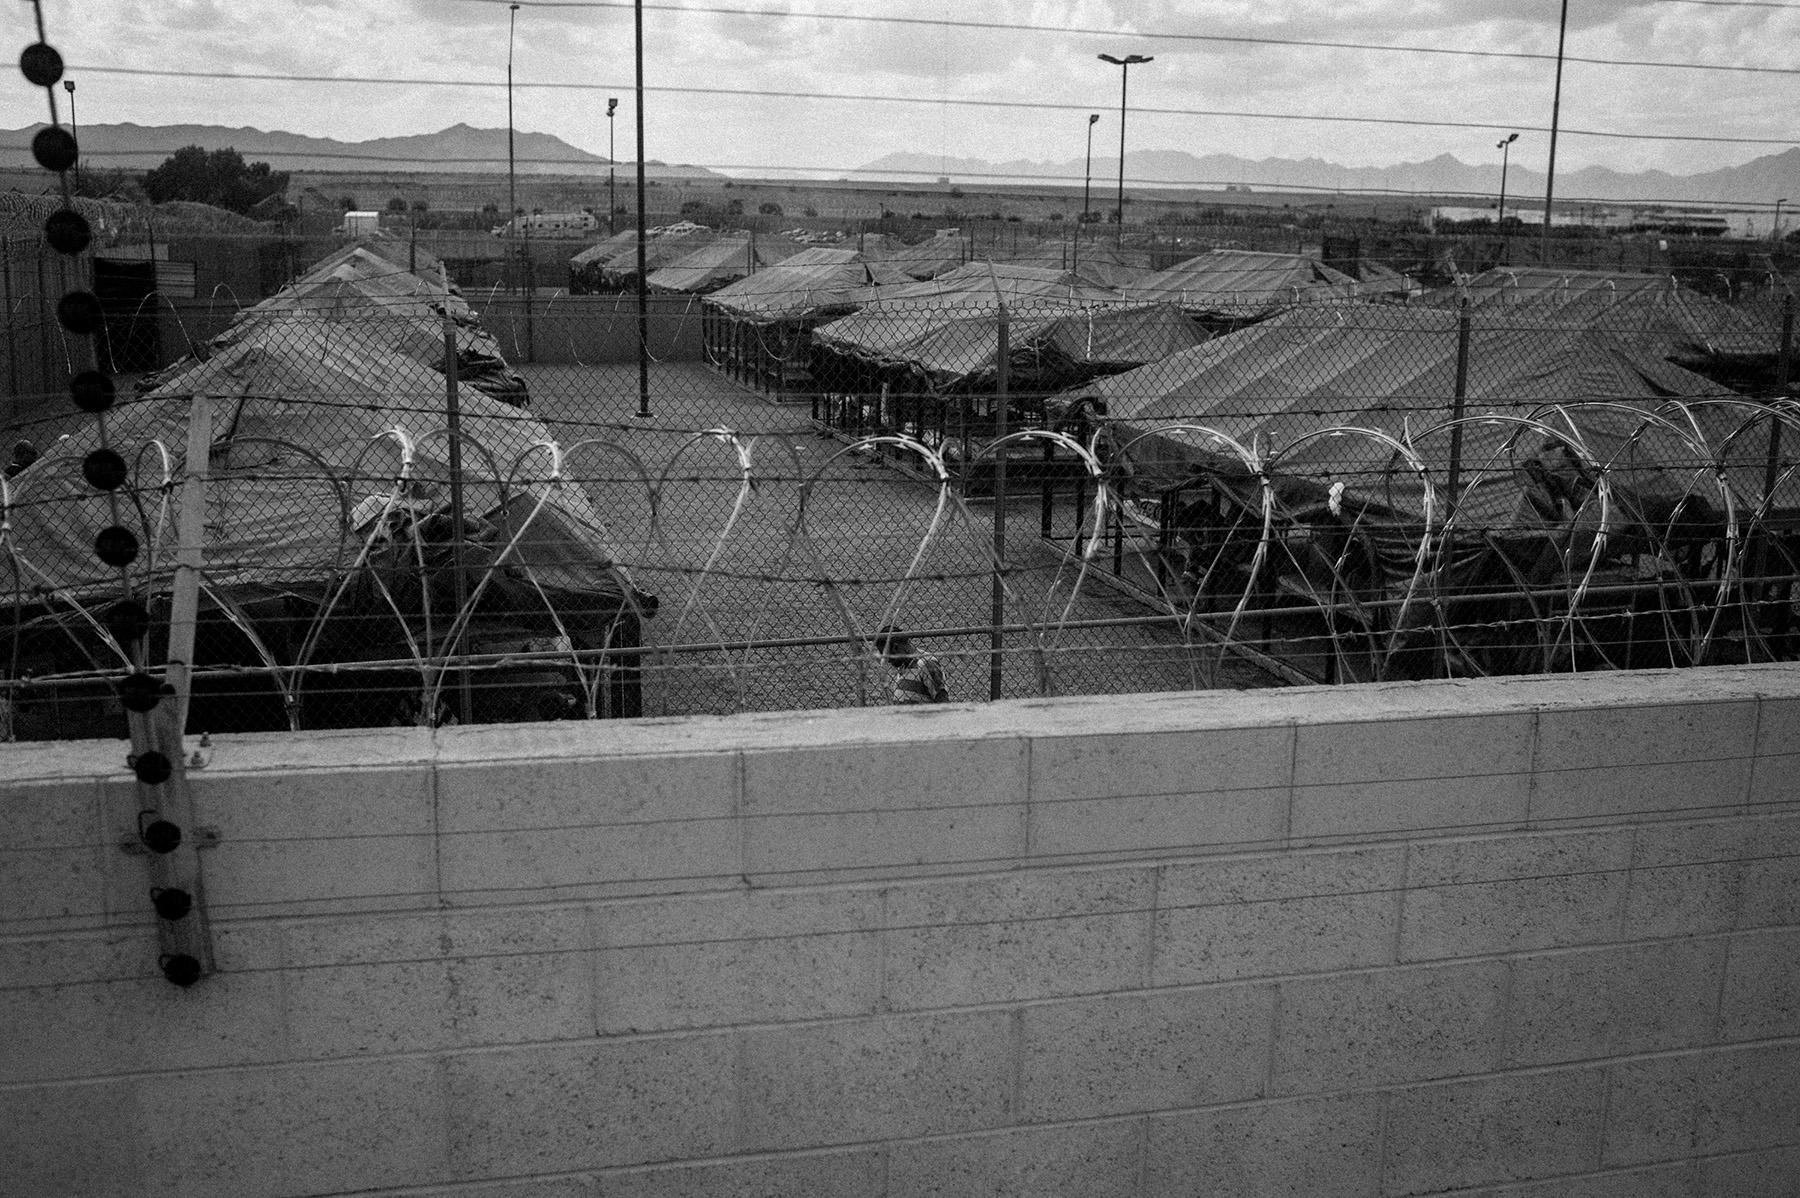 Prison-1 & Tent City | Prison Photography